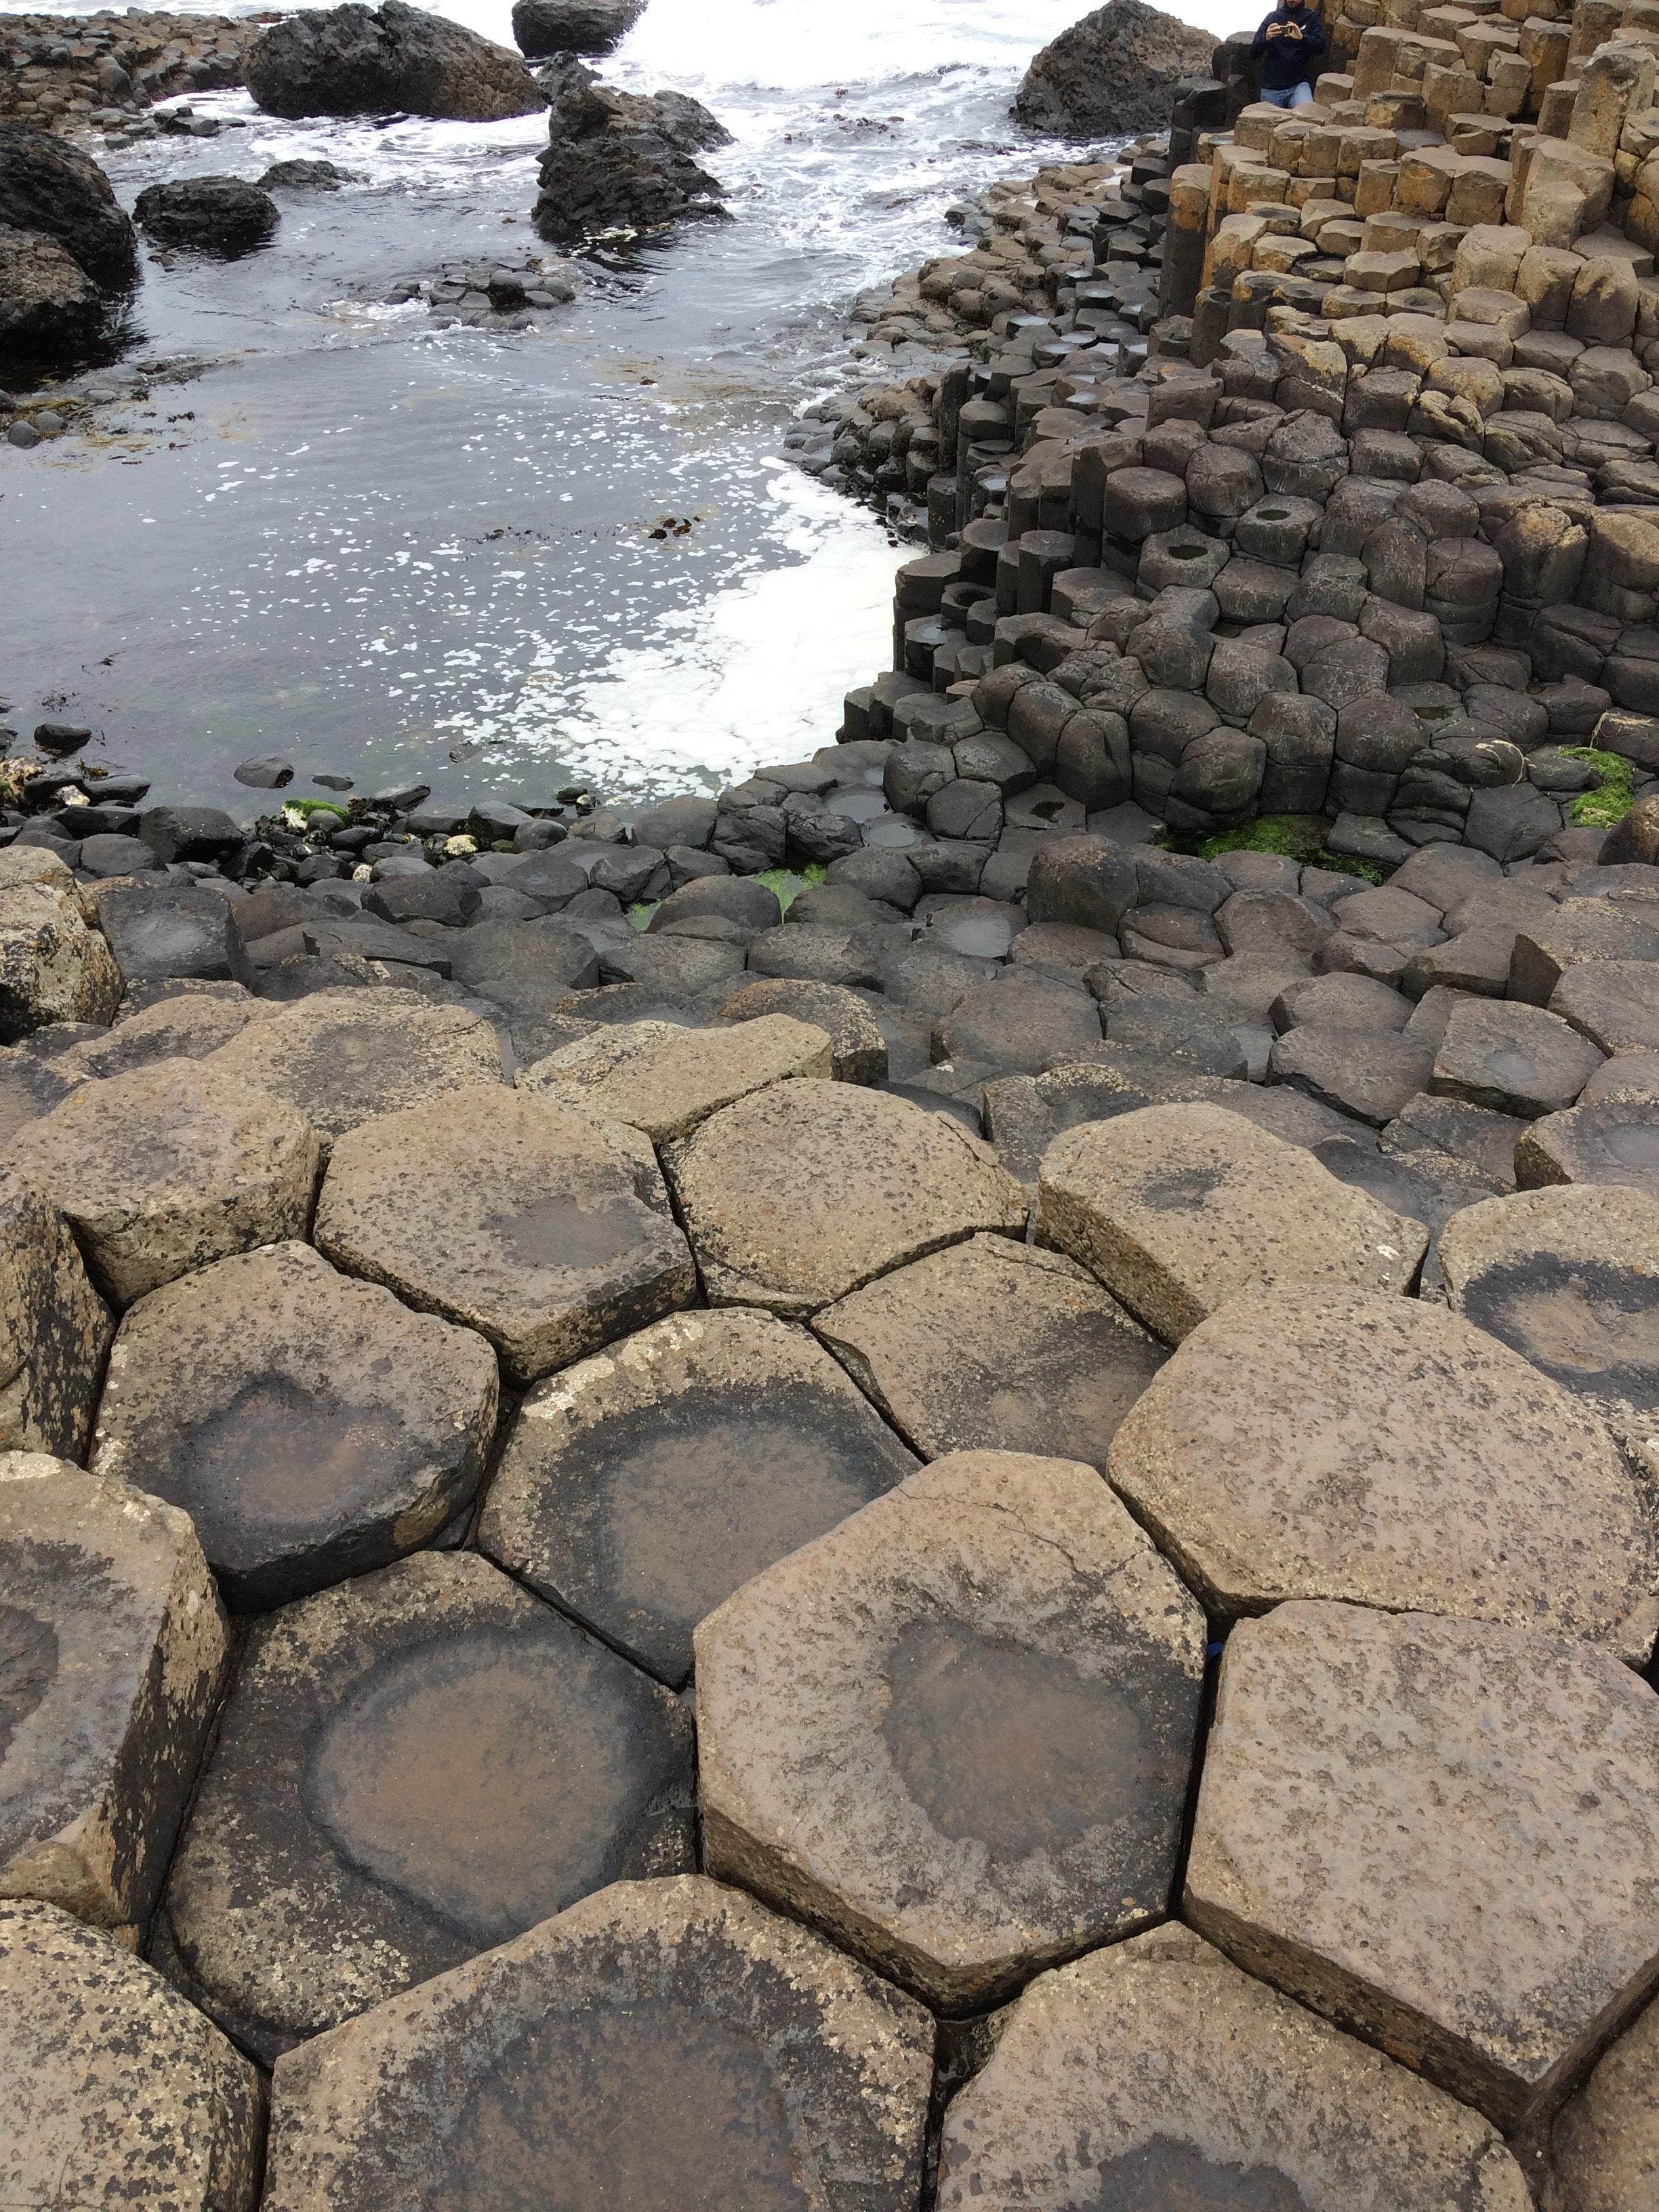 sea-rock-giants-hexagon-3631712